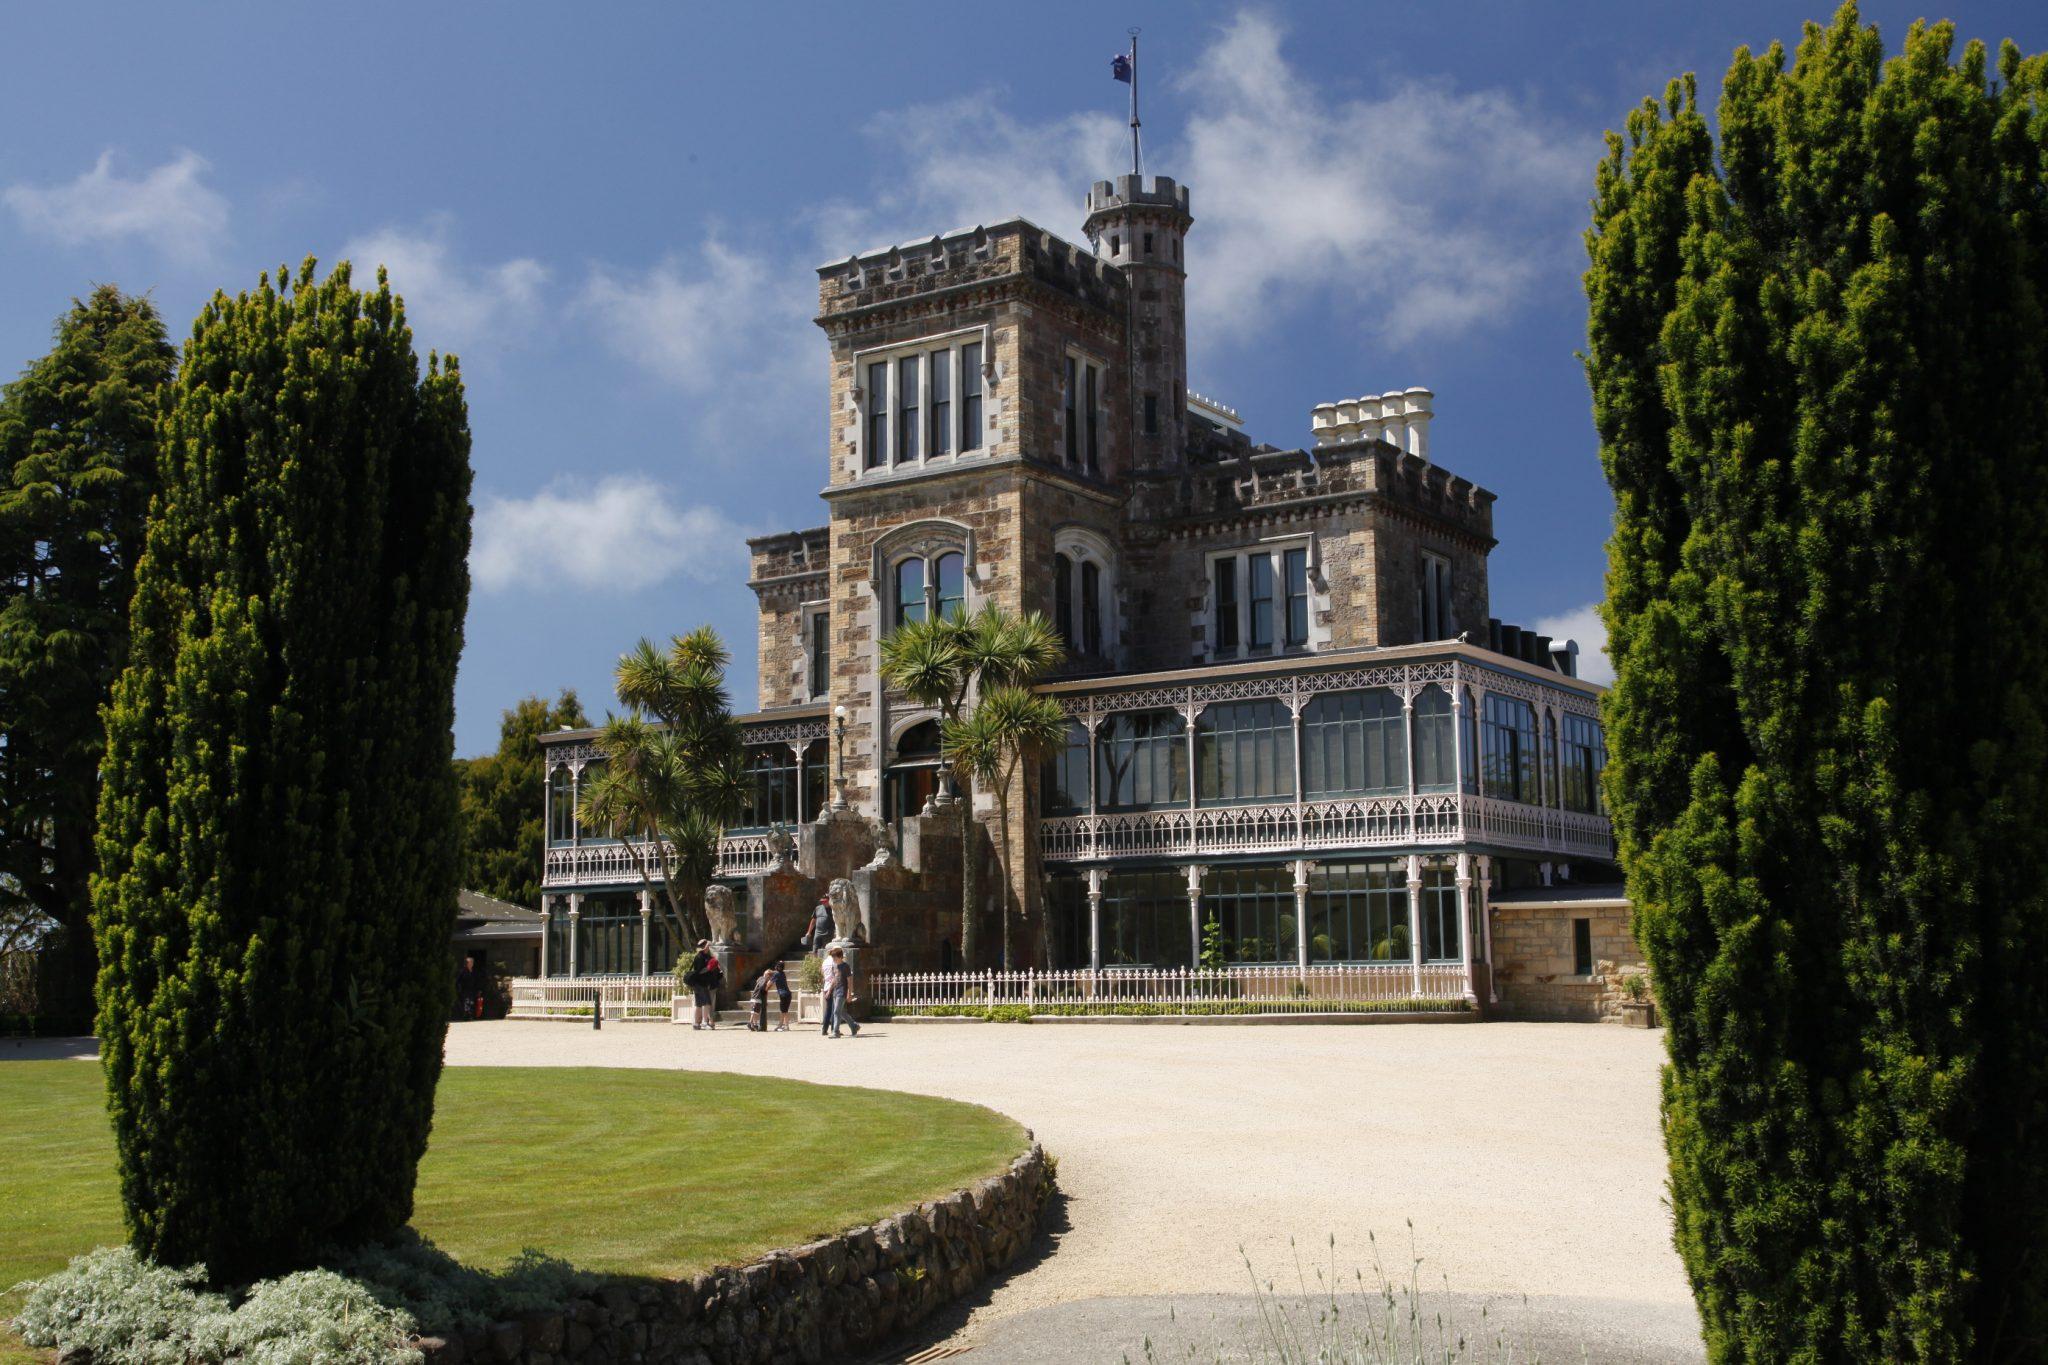 Otago Castle